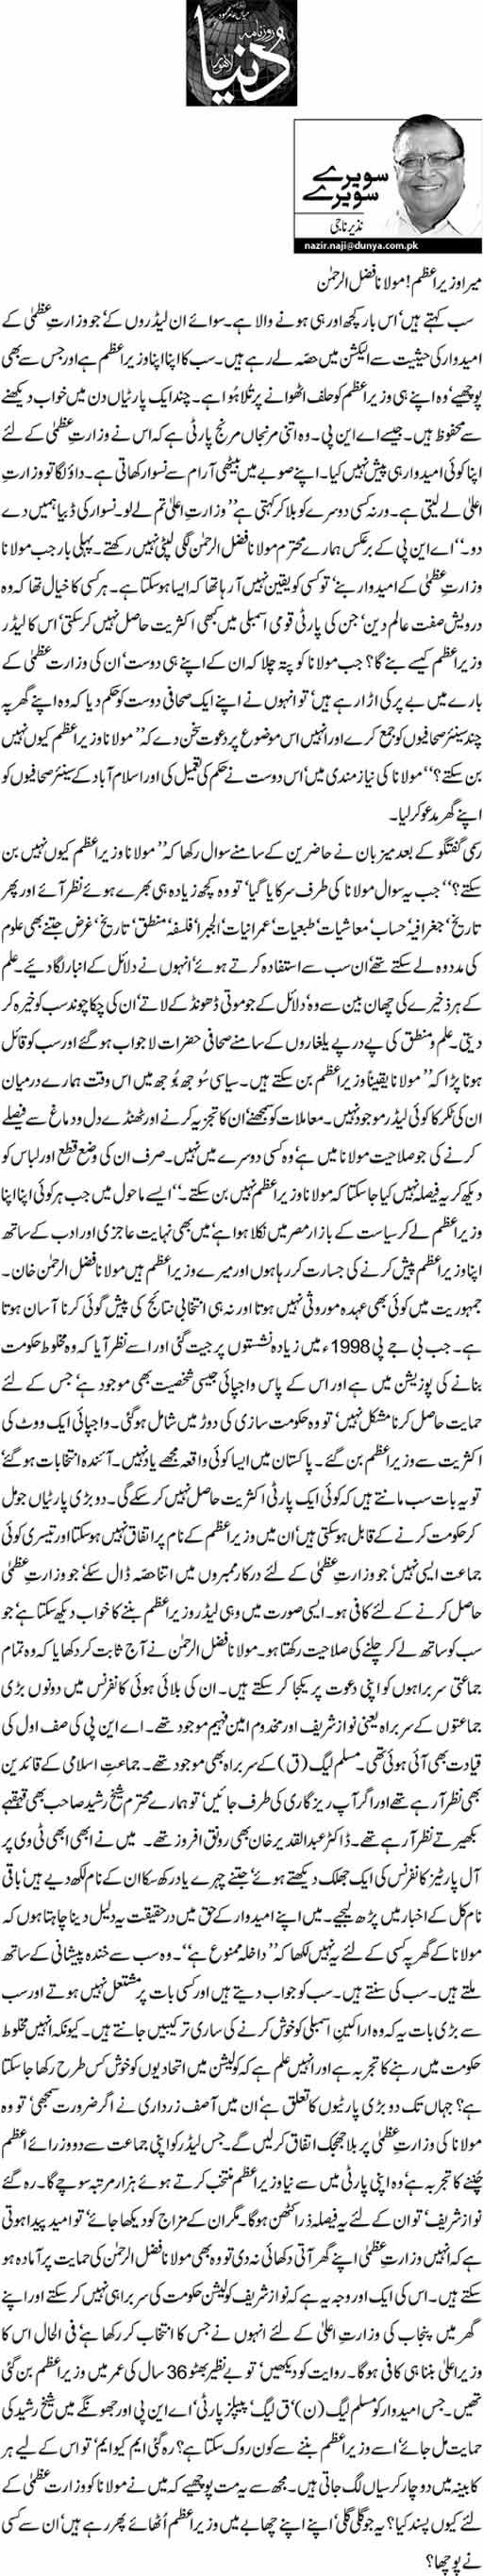 Mera Prime Minister!Moulana Fazal ur Rehman - Nazeer Naji